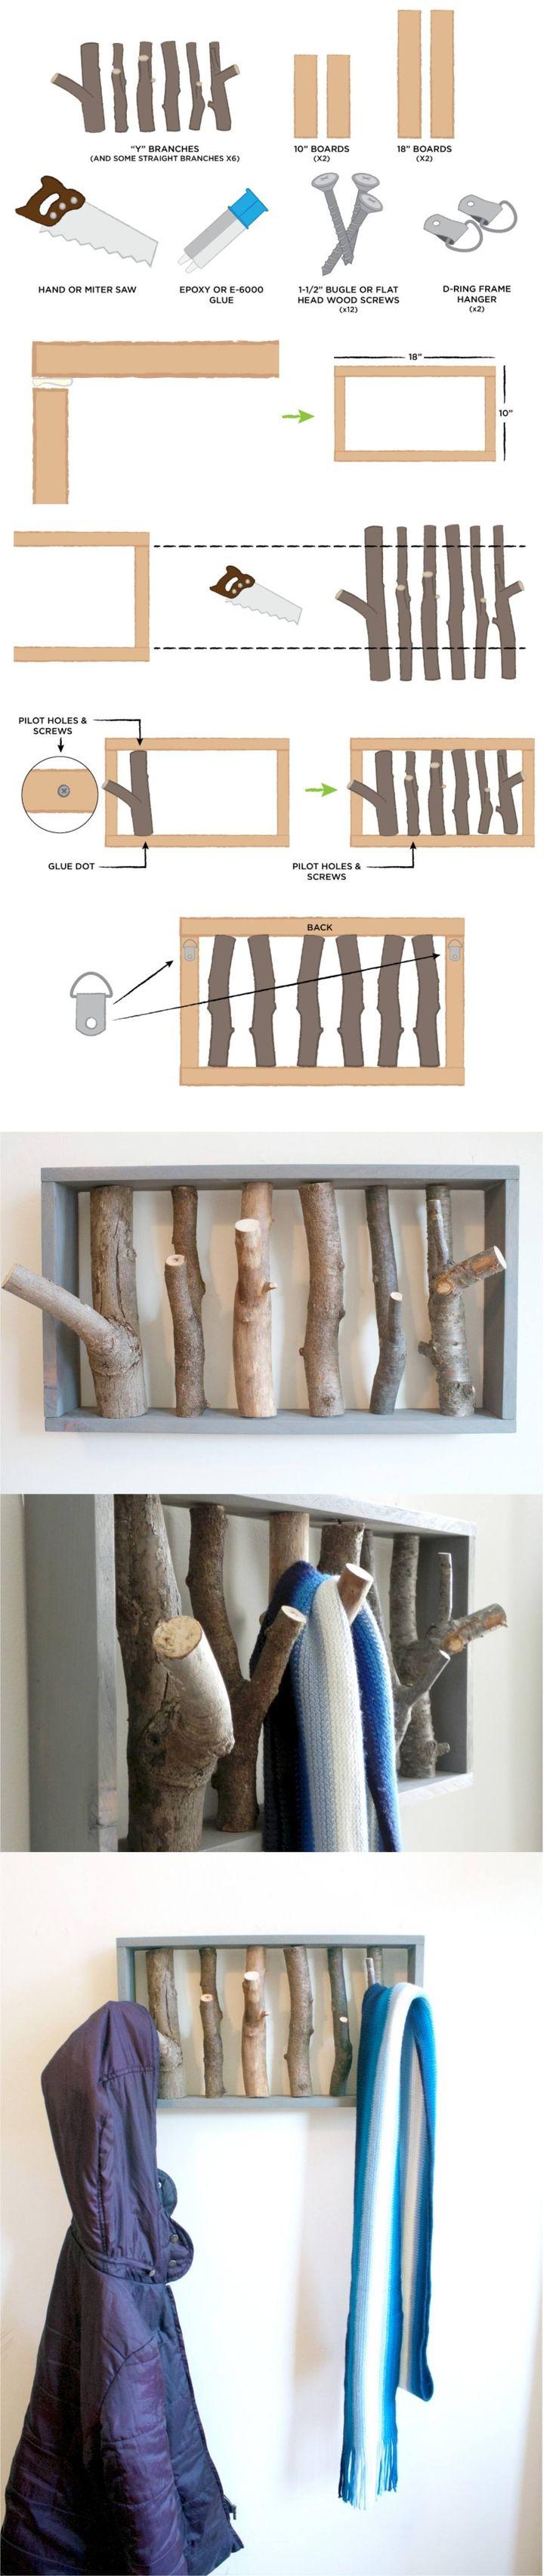 Colgador DIY con ramas - keptblog.com - DIY Branch Coat Rack